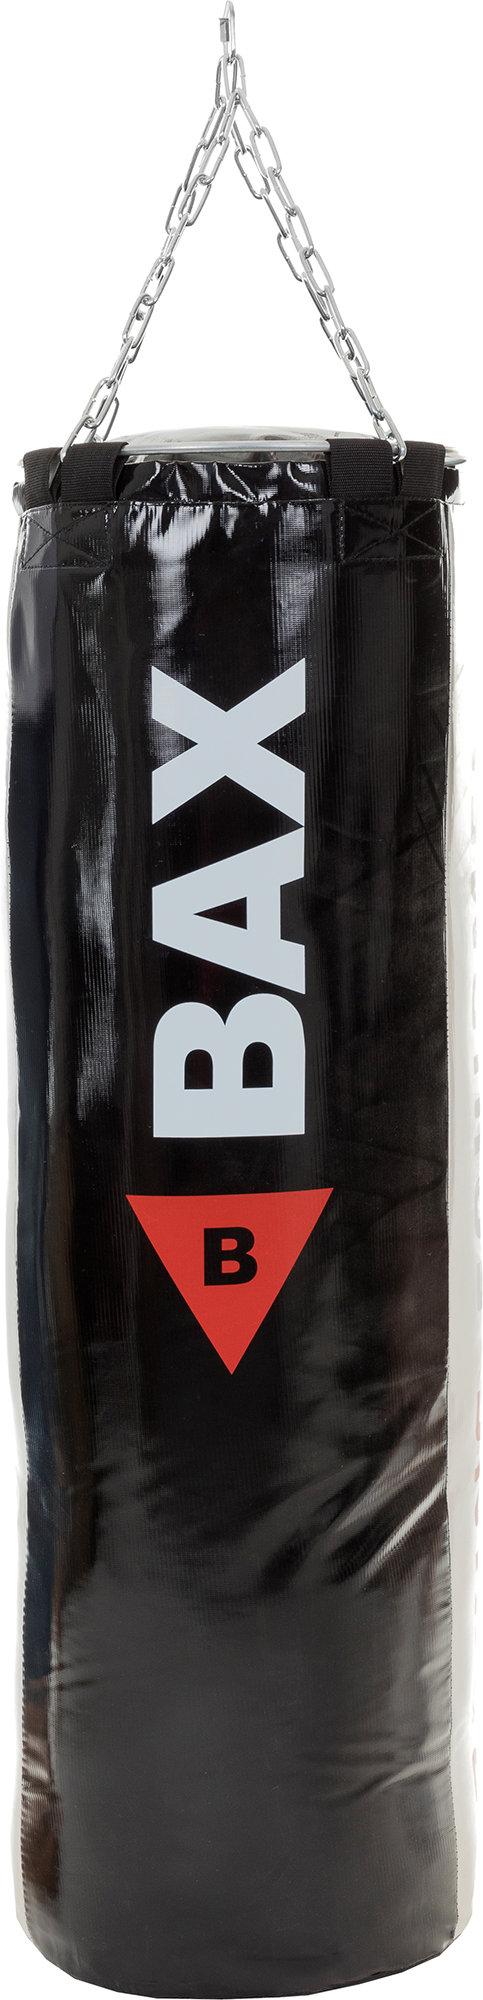 Bax Мешок набивной Bax, 50 кг